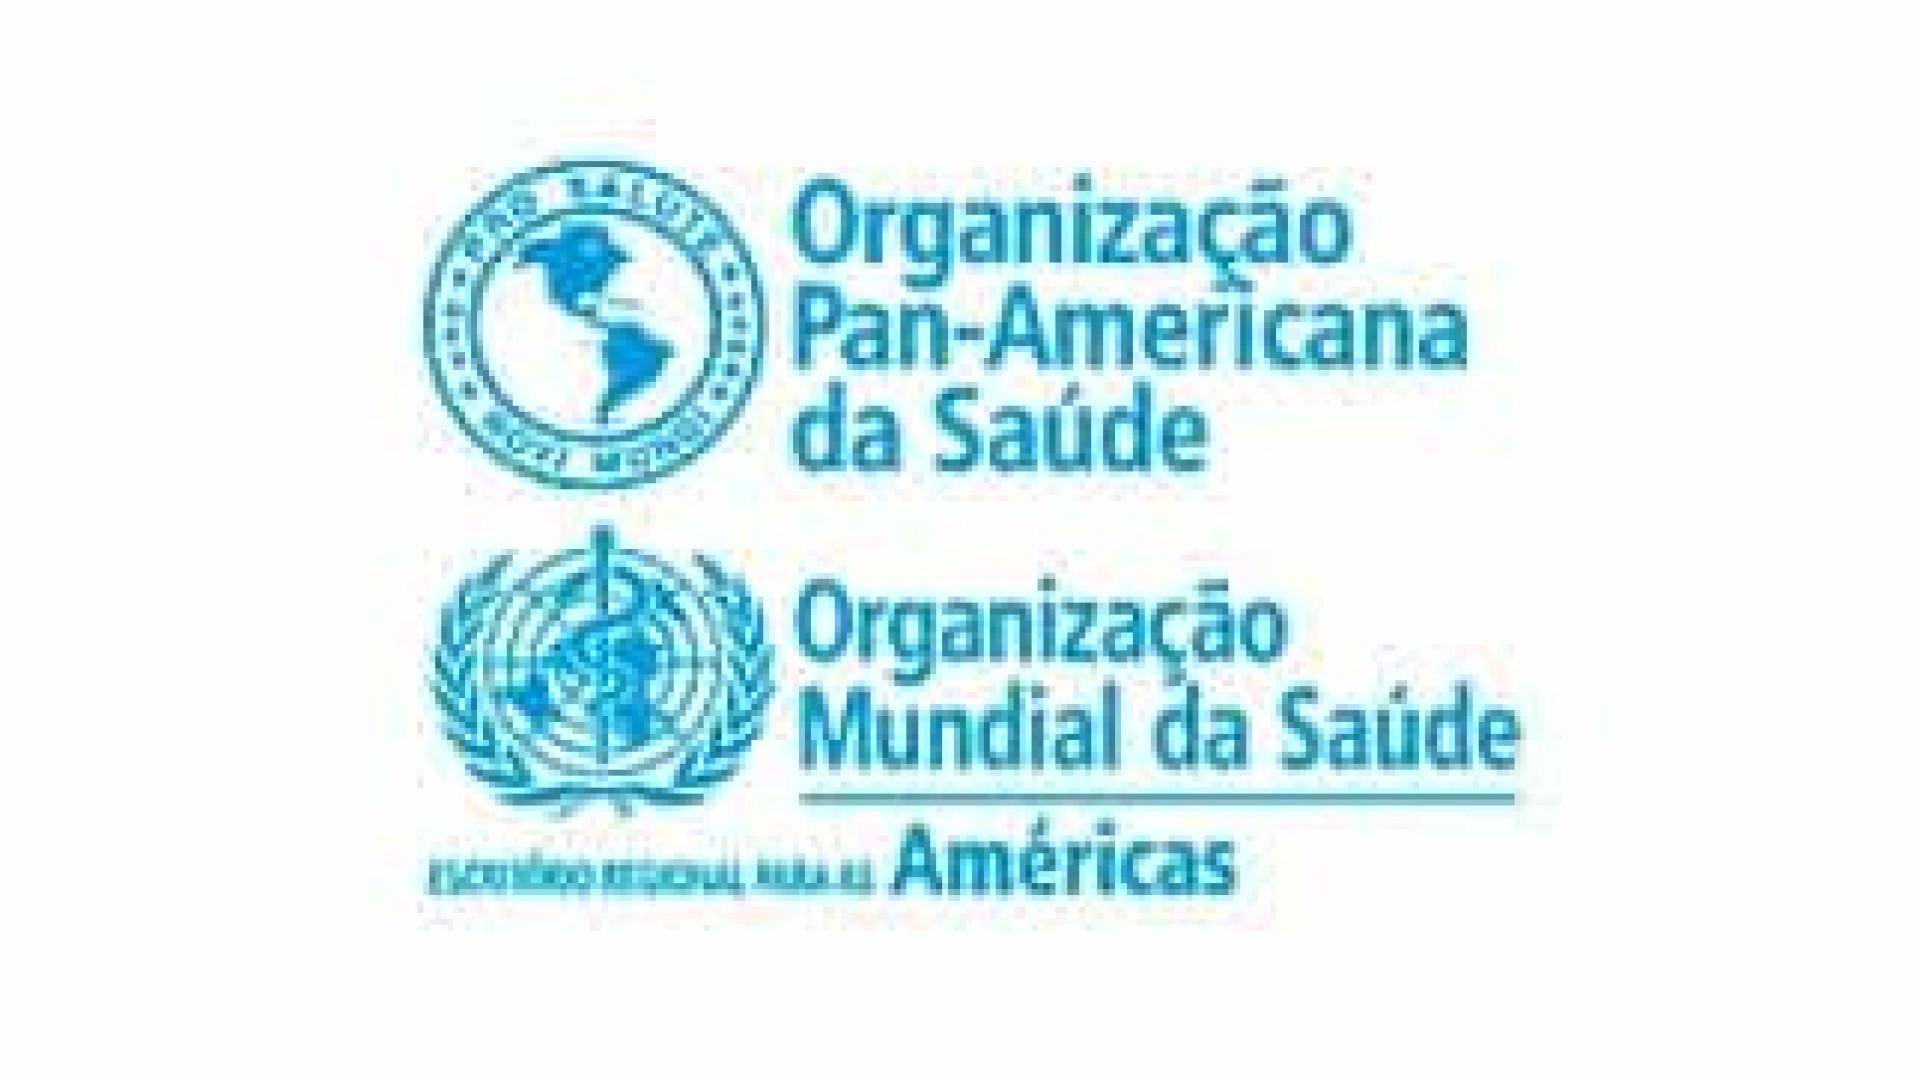 Impressões entrevista Jarbas Barbosa, brasileiro vice-diretor da Opas